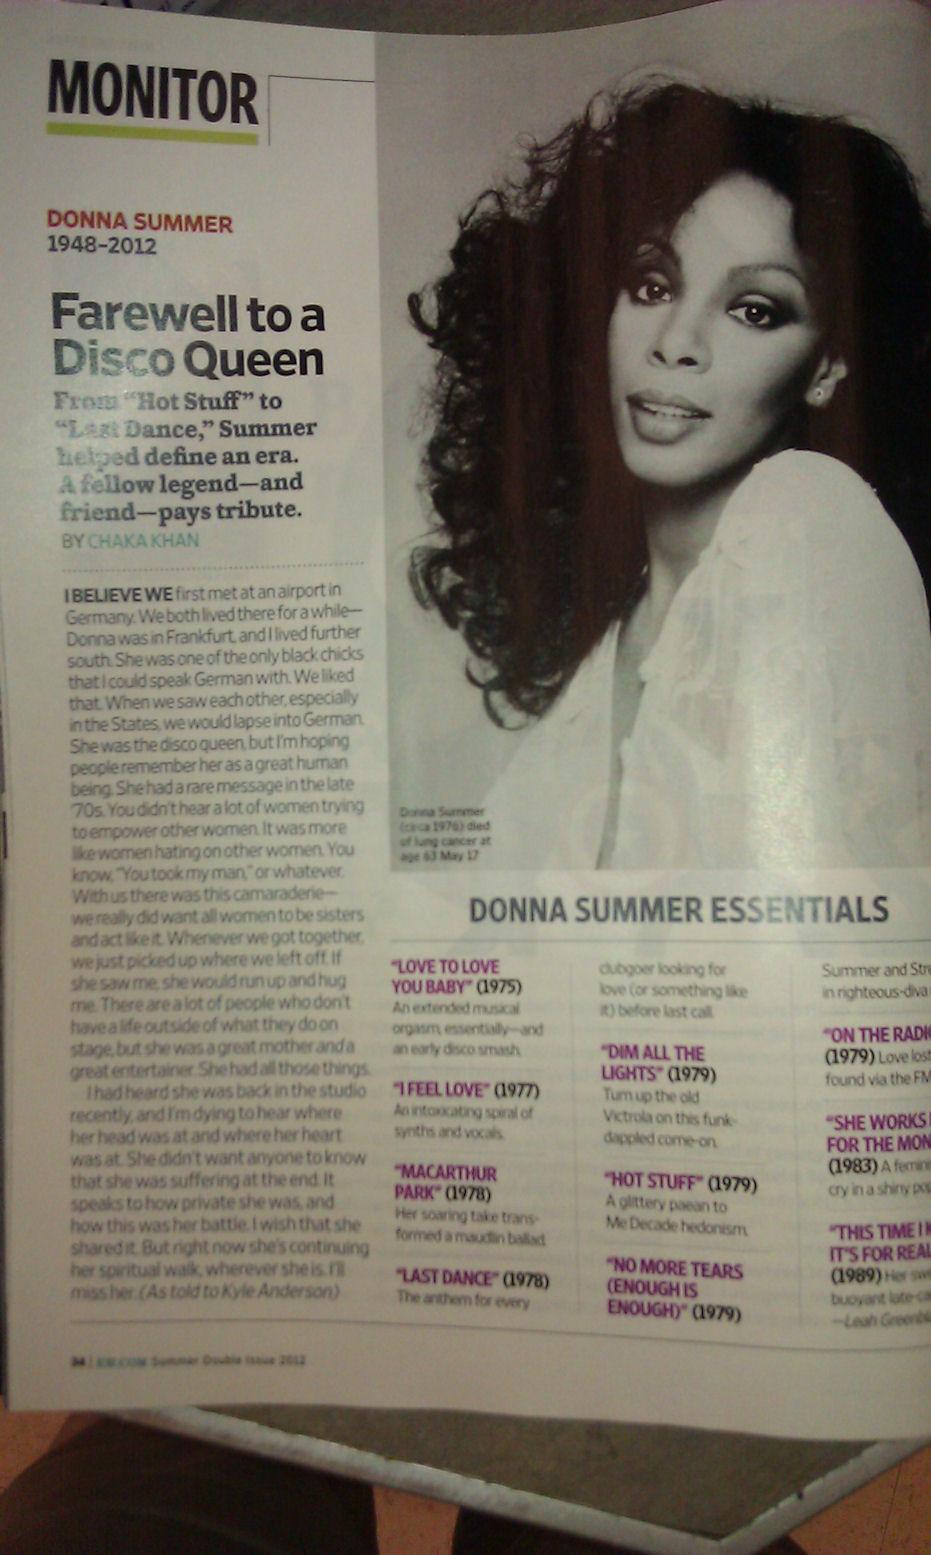 Donna Summer Memorial